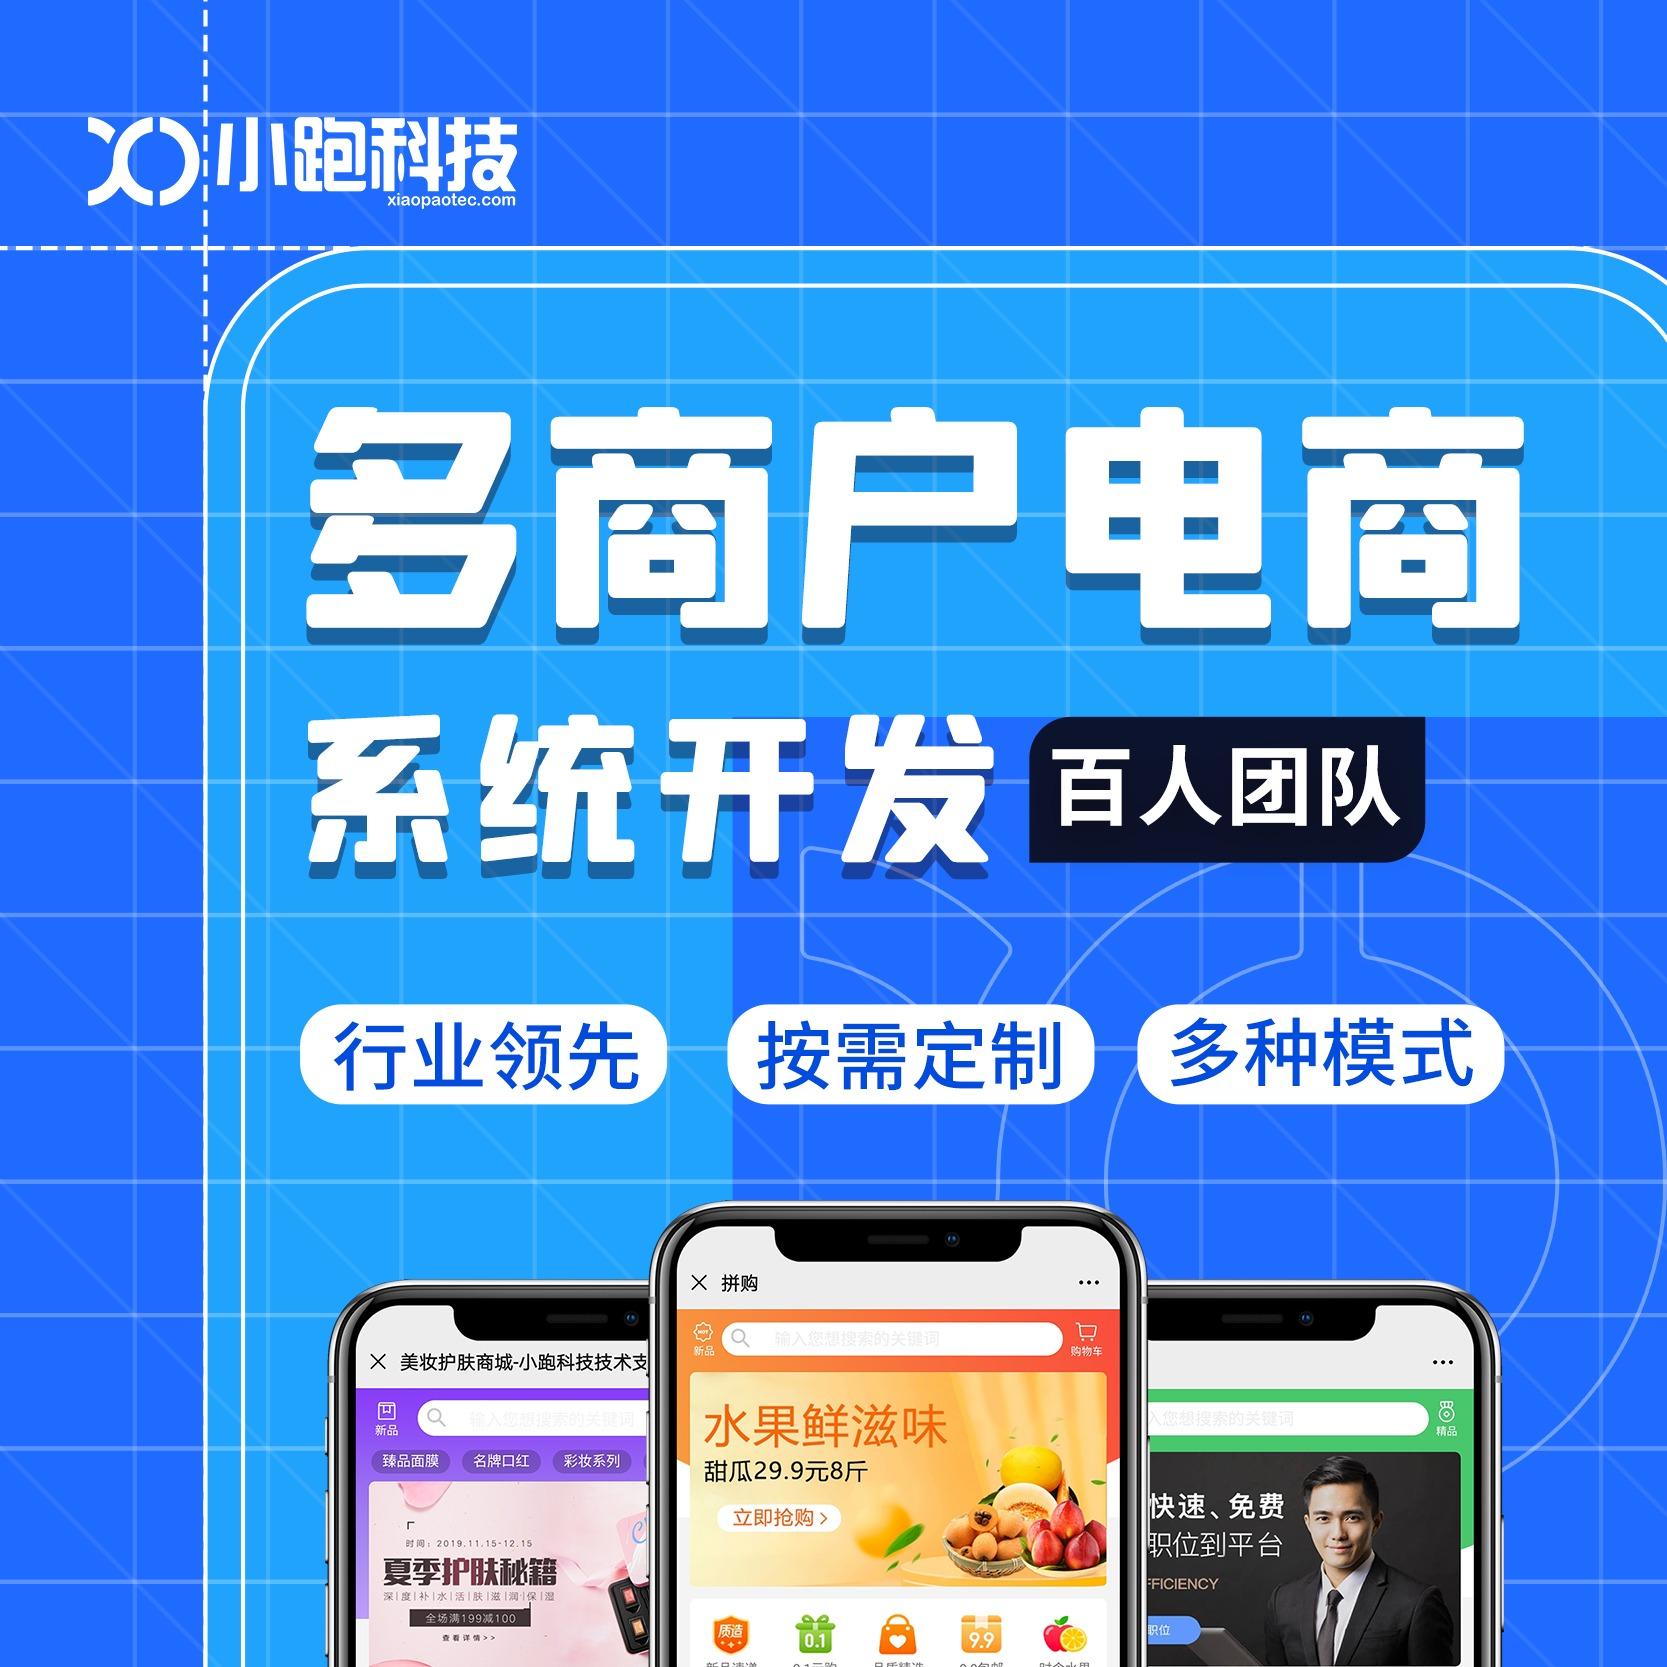 【多商户商城微信公众号开发】商户入驻开店/行业电商平台定制